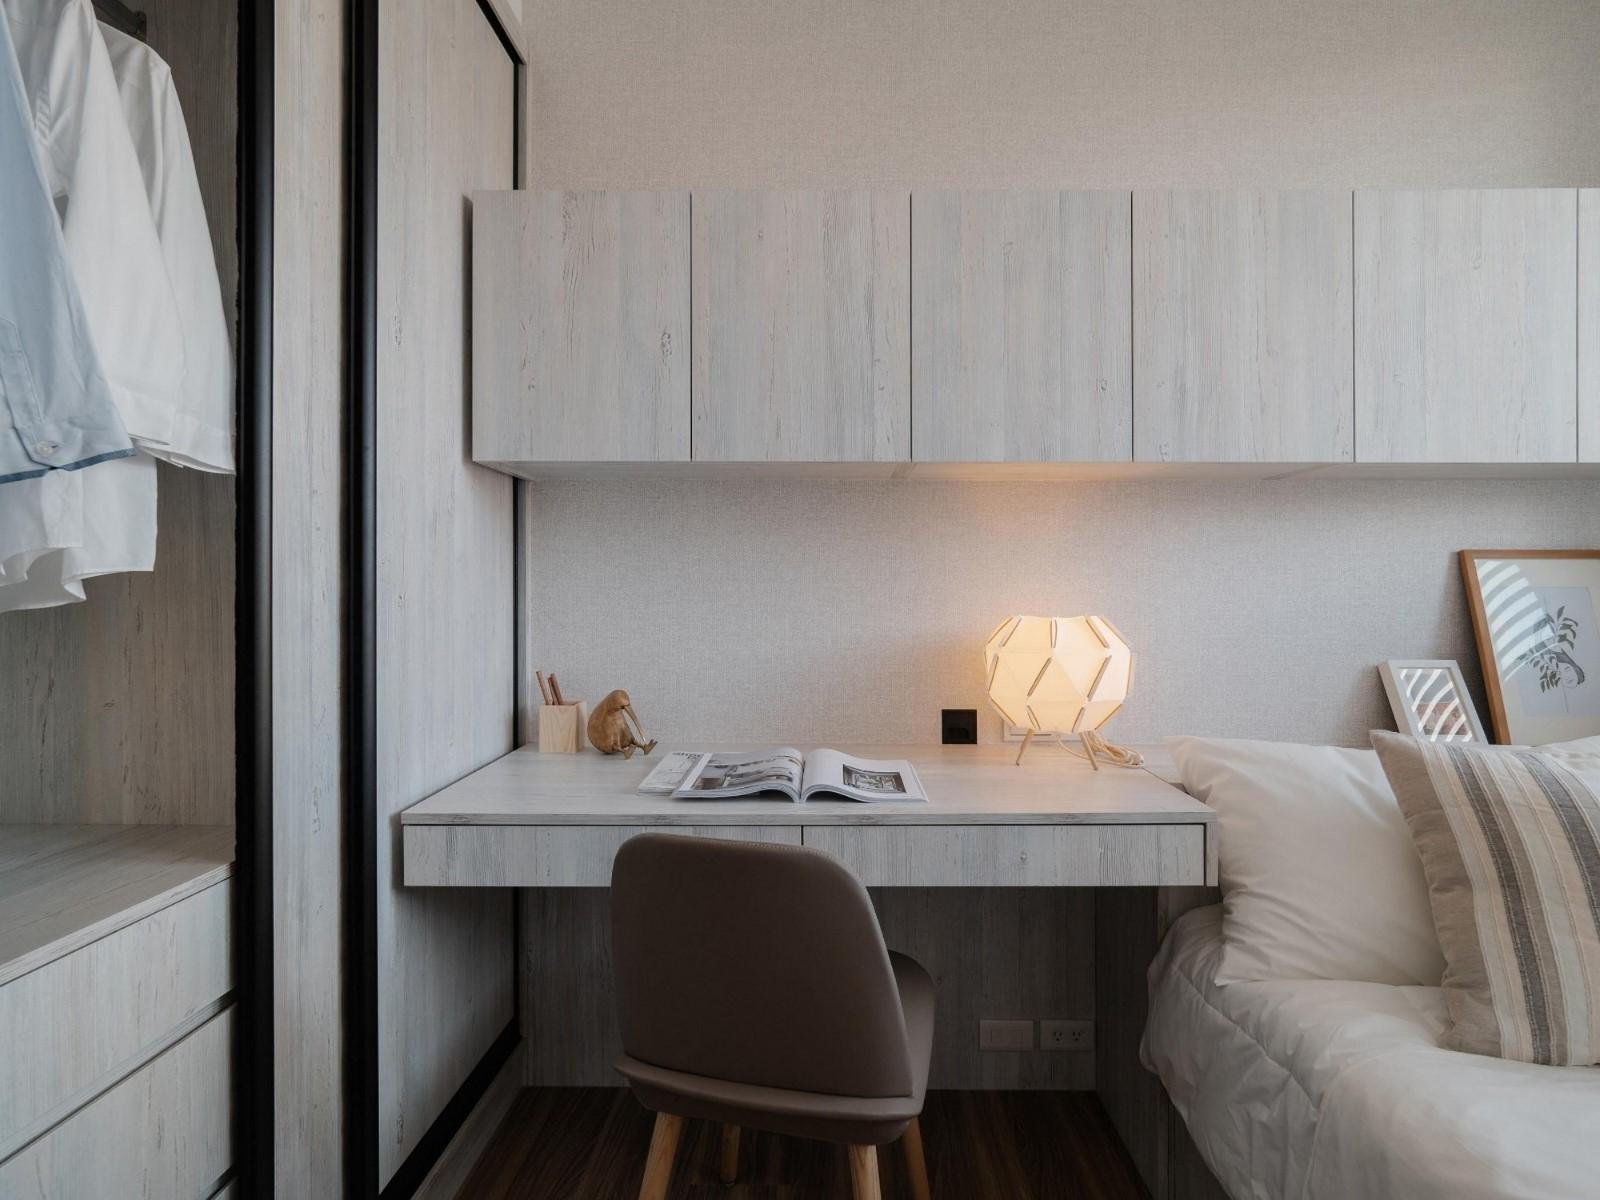 2020日式卧室装修设计图片 2020日式细节装饰设计